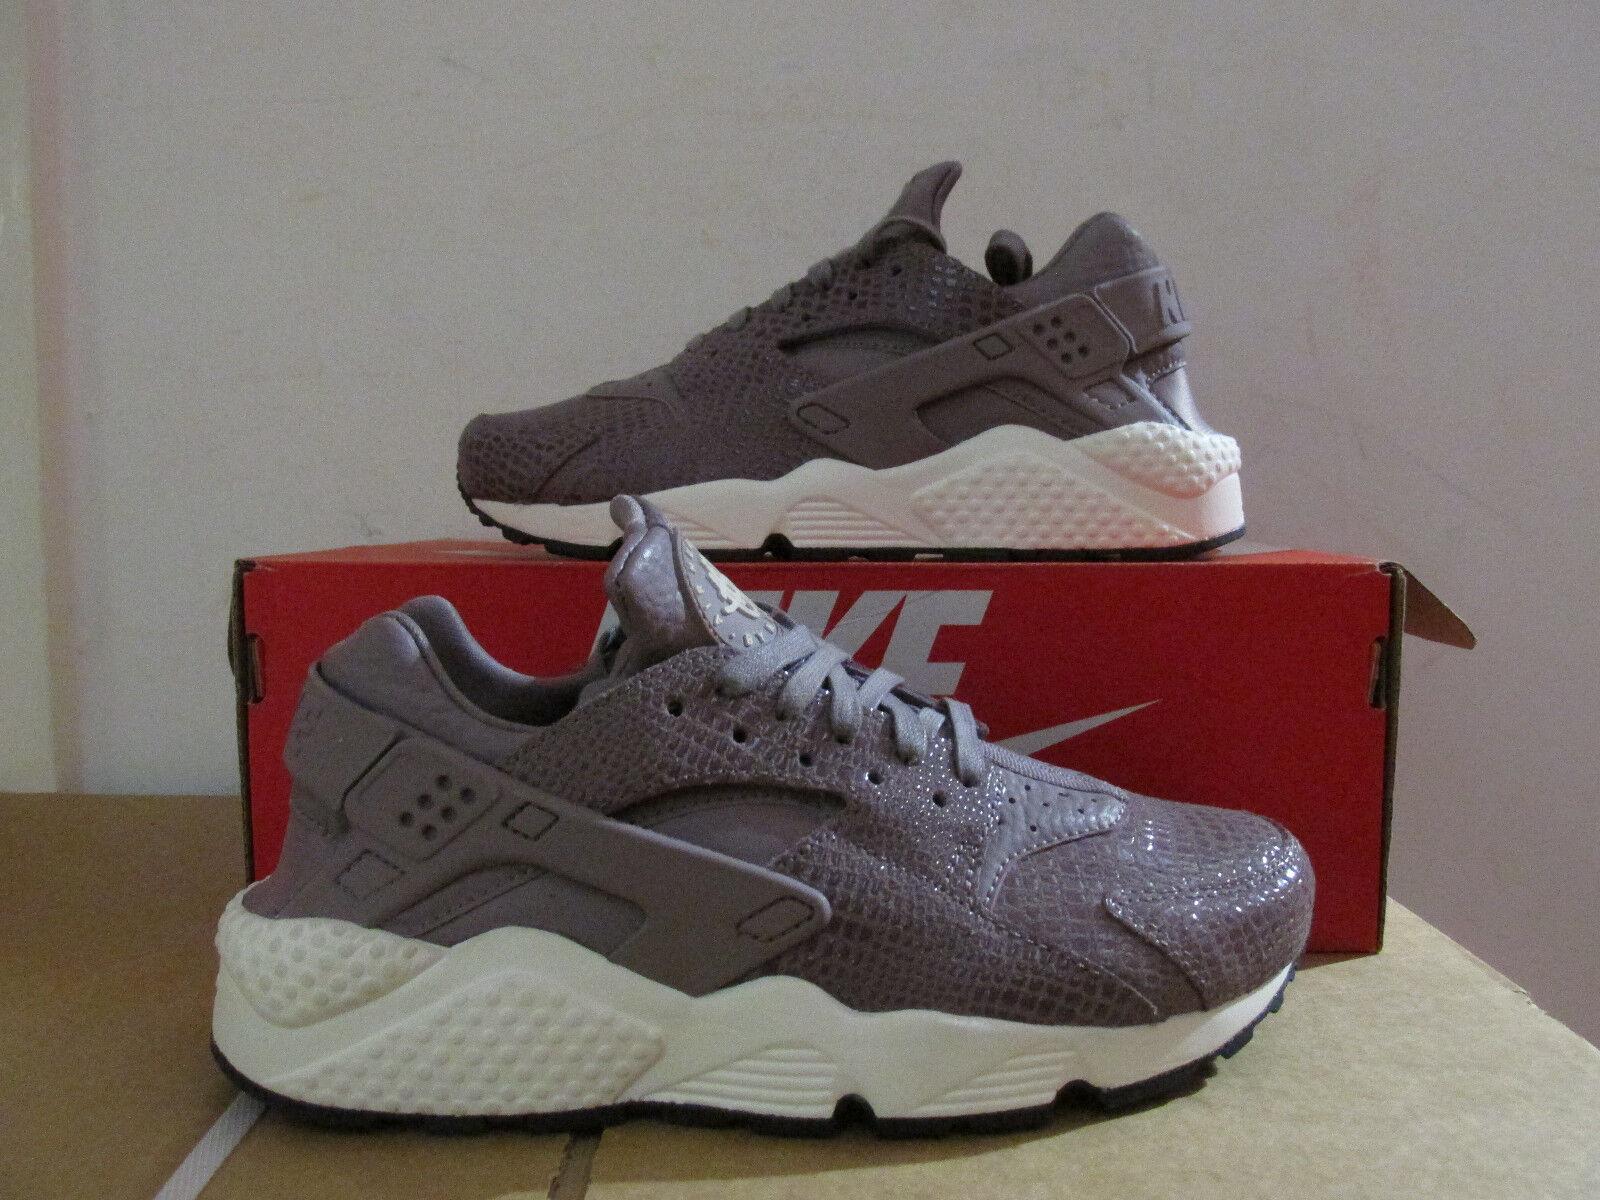 Nike Womens Air Huarache Run Print Running Trainers 725076 501 Sneaker CLEARANCE Cheap women's shoes women's shoes